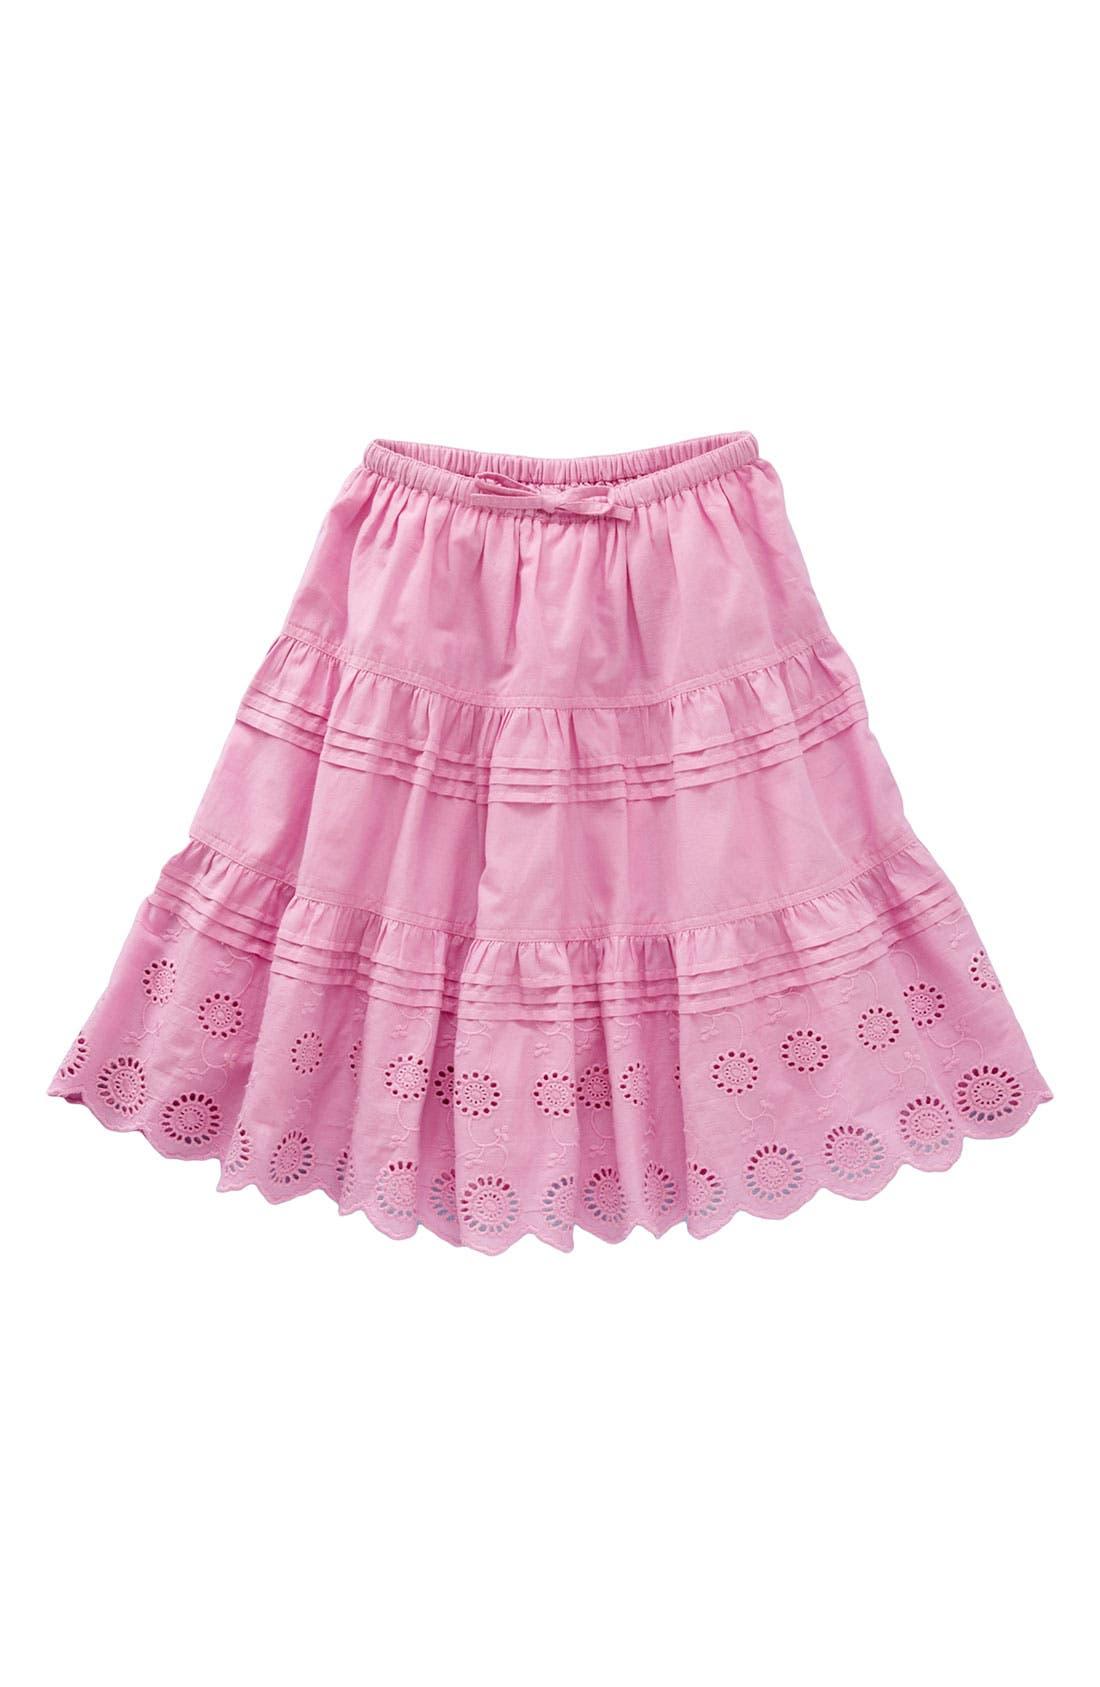 Main Image - Mini Boden 'Broiderie Twirly' Skirt (Little Girl & Big Girl)